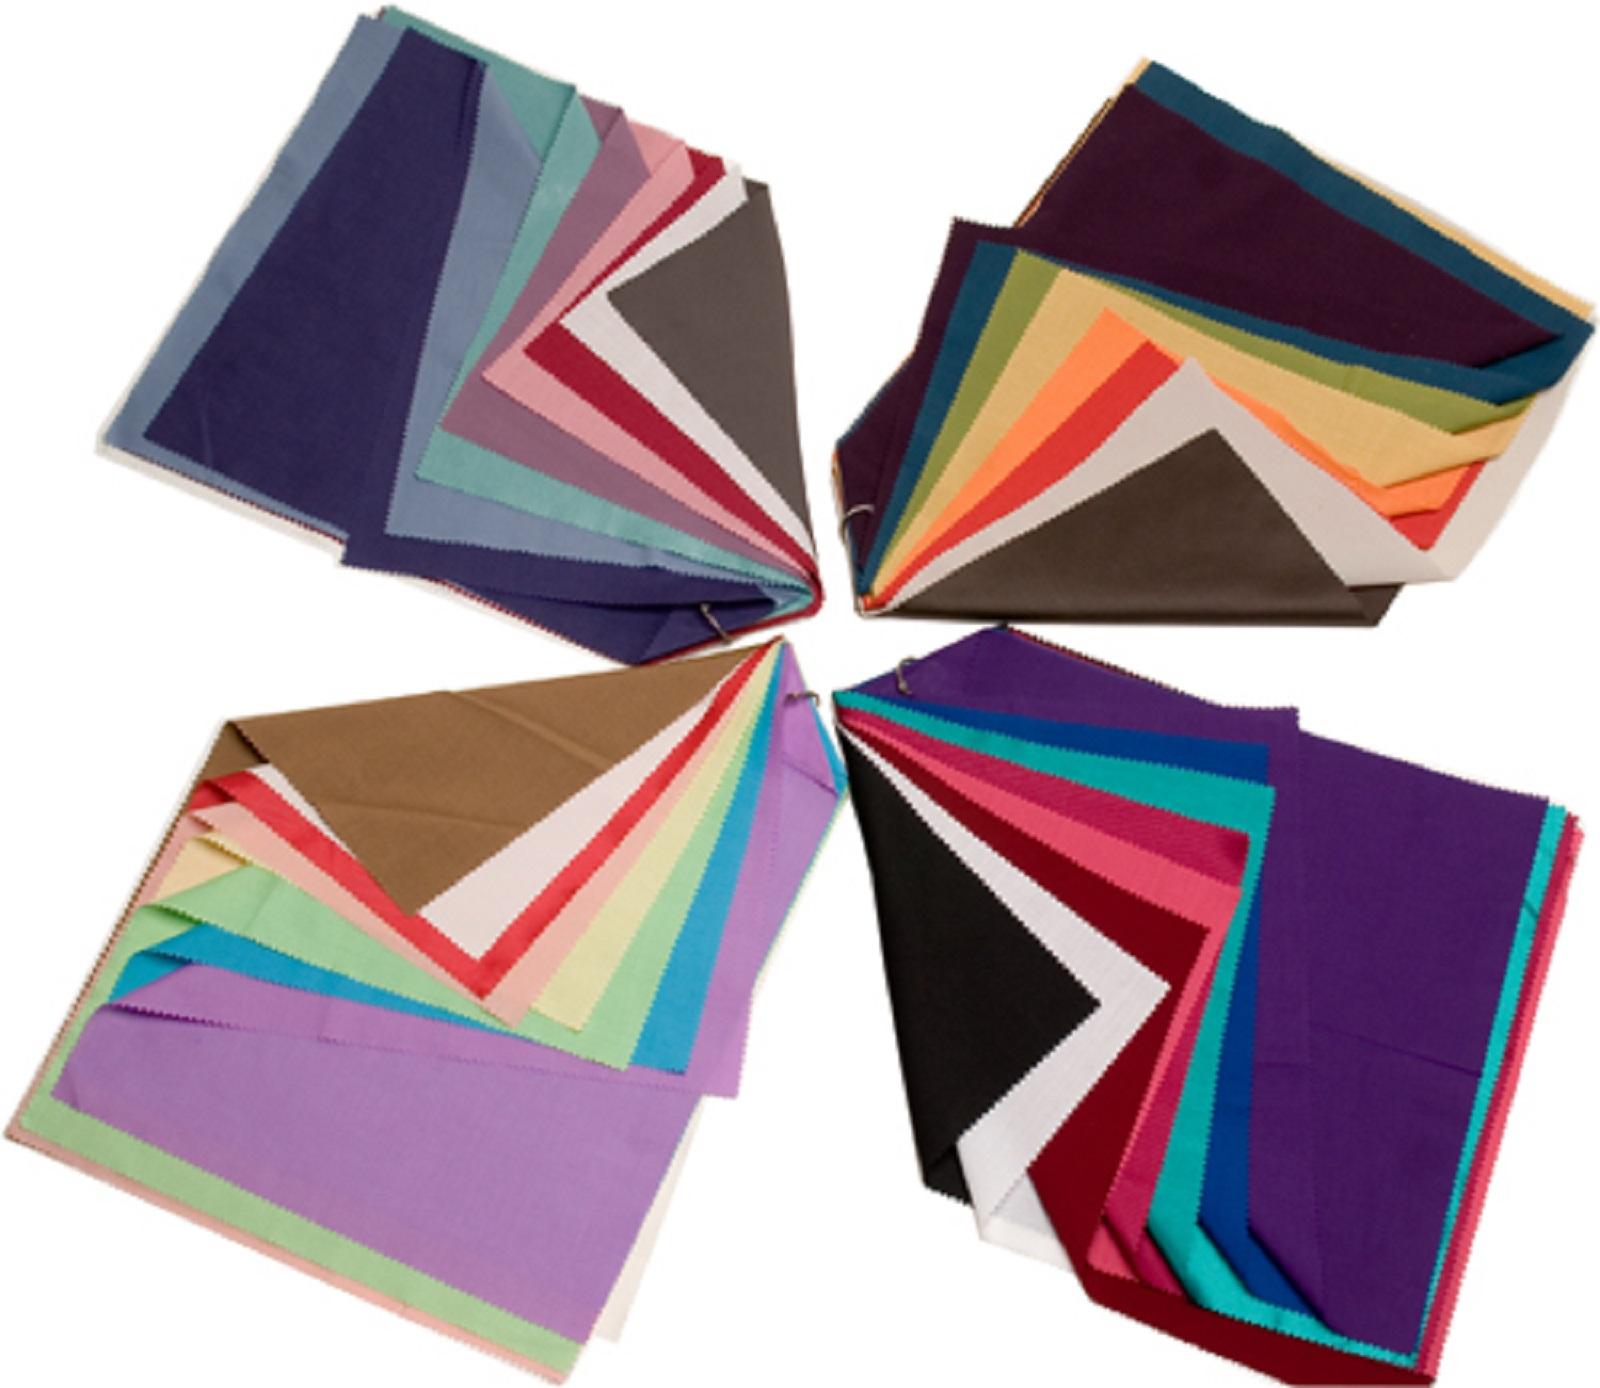 colour analysis drapes - Season Pictures To Colour